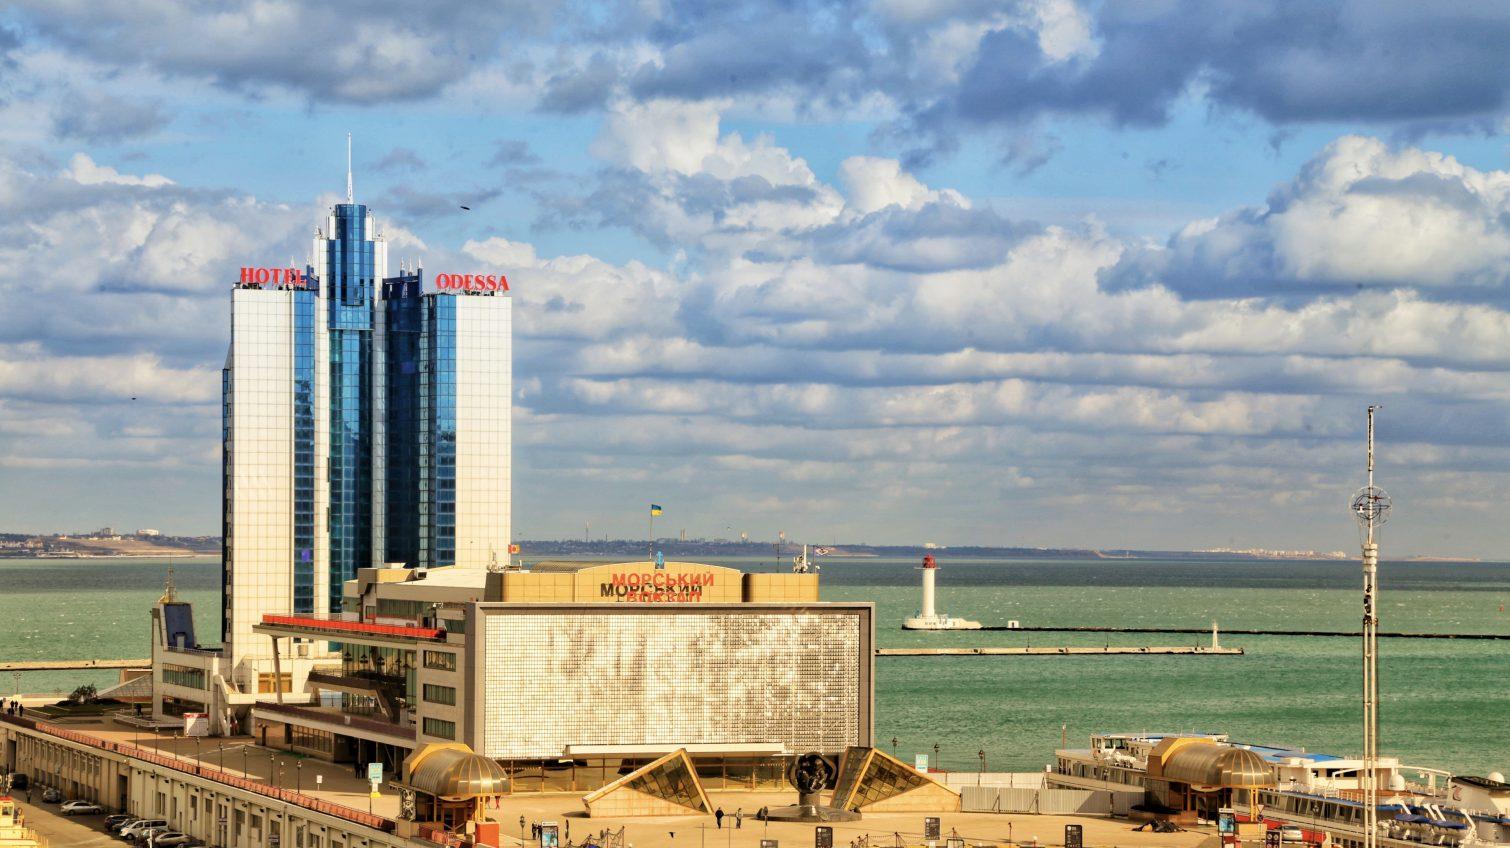 В украинских портах усилят экологический контроль над мытьем трюмов кораблей «фото»